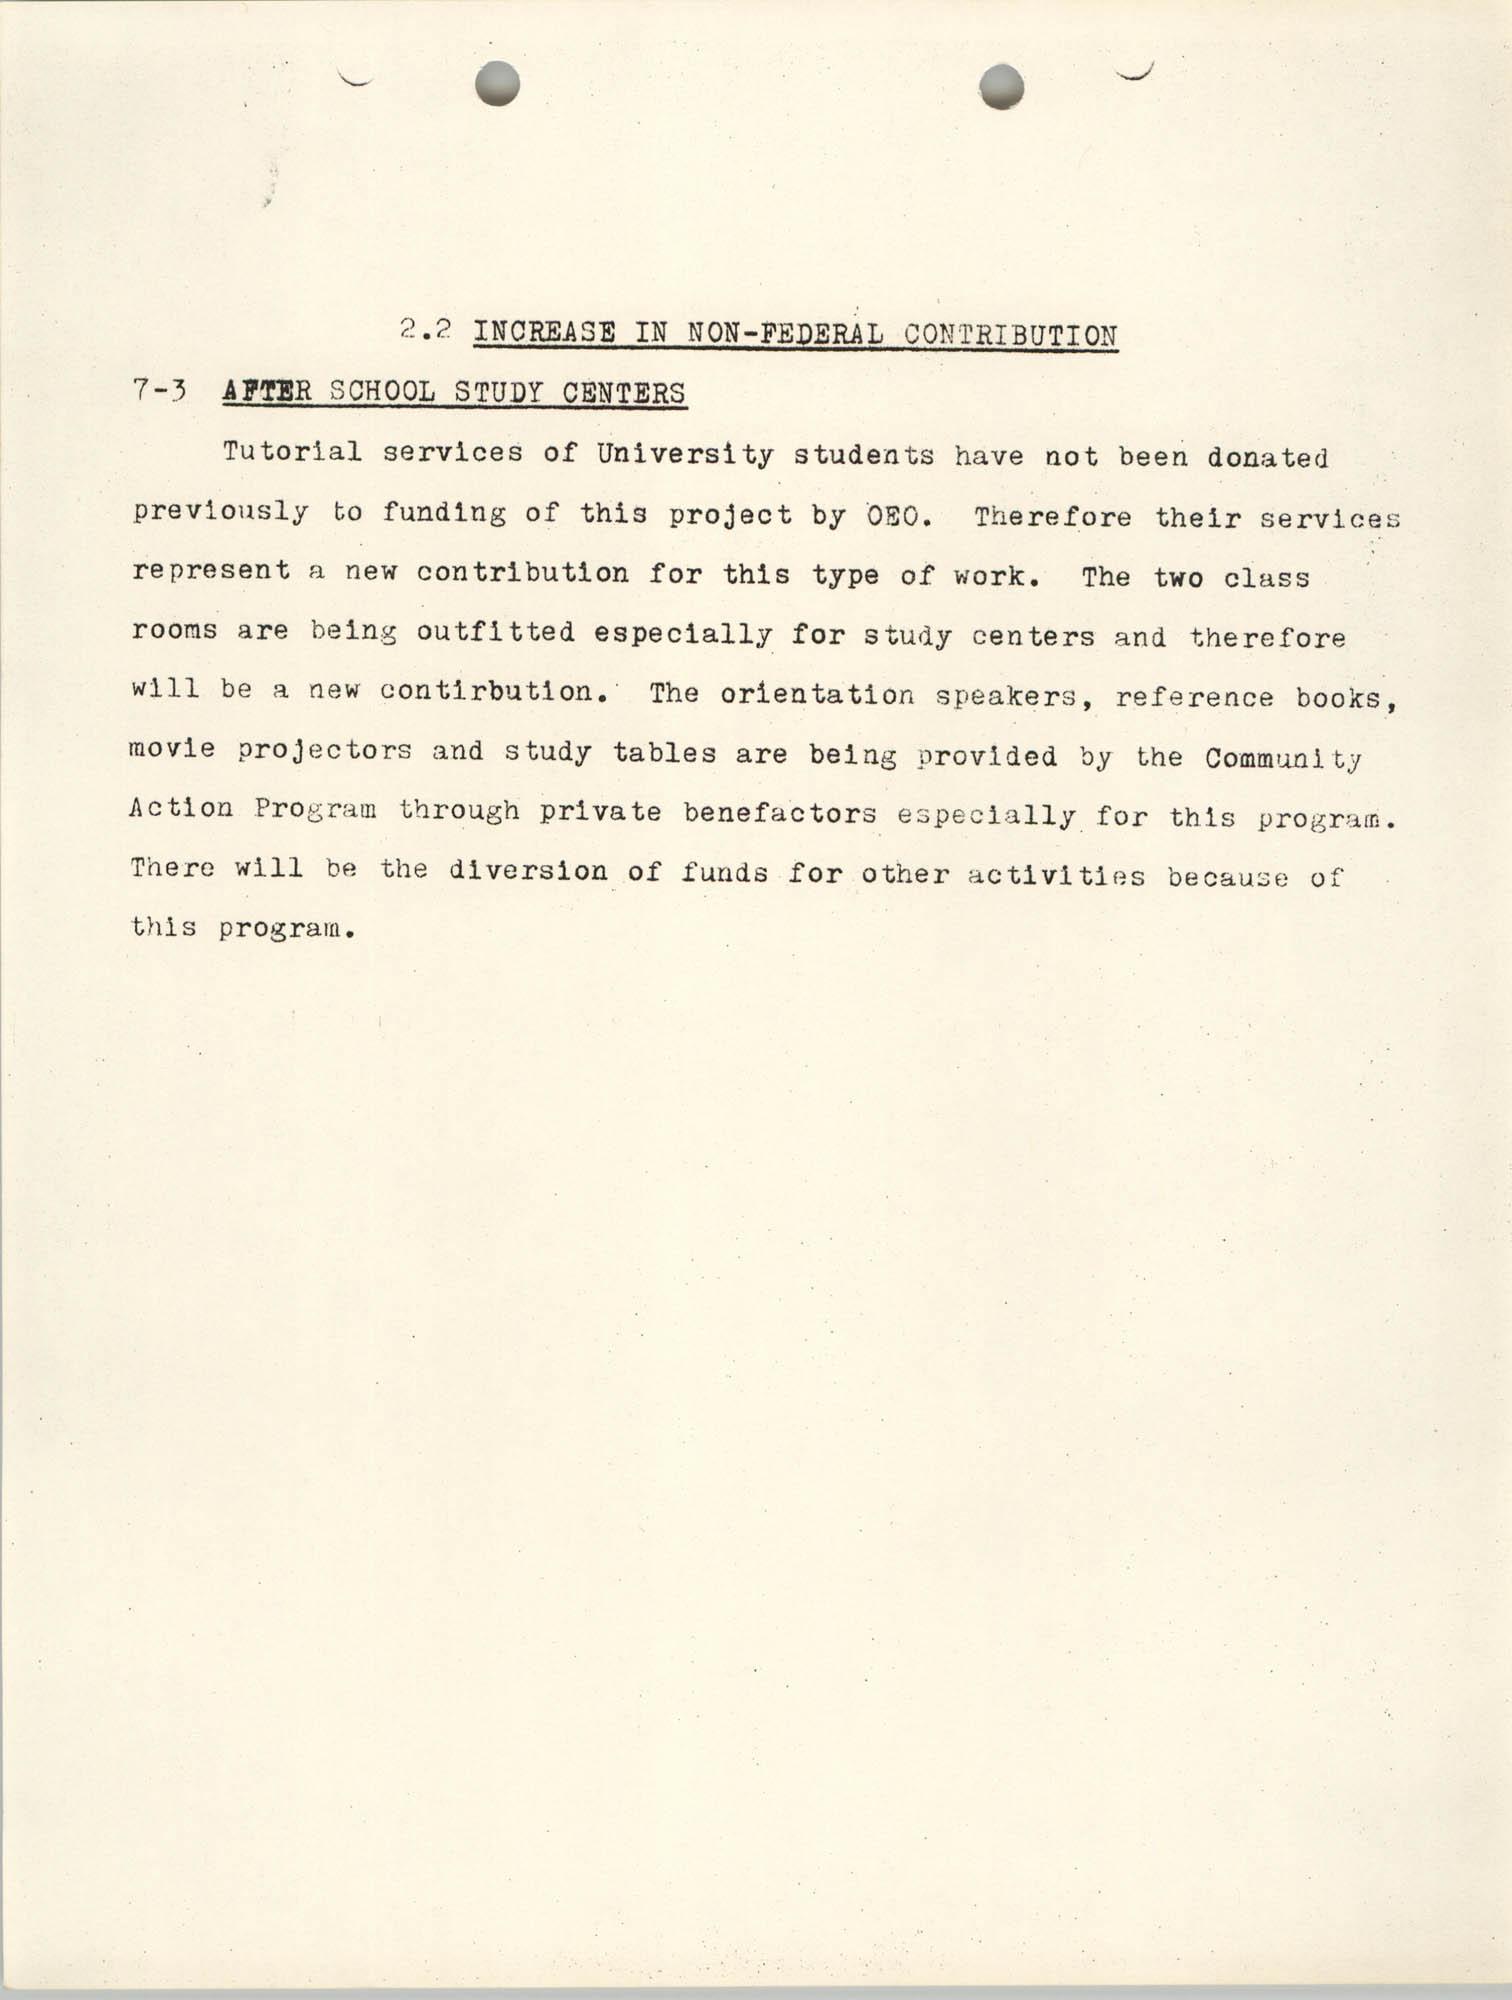 Increase in Non-Fedearl Contribution, June 27, 1966, Page 4